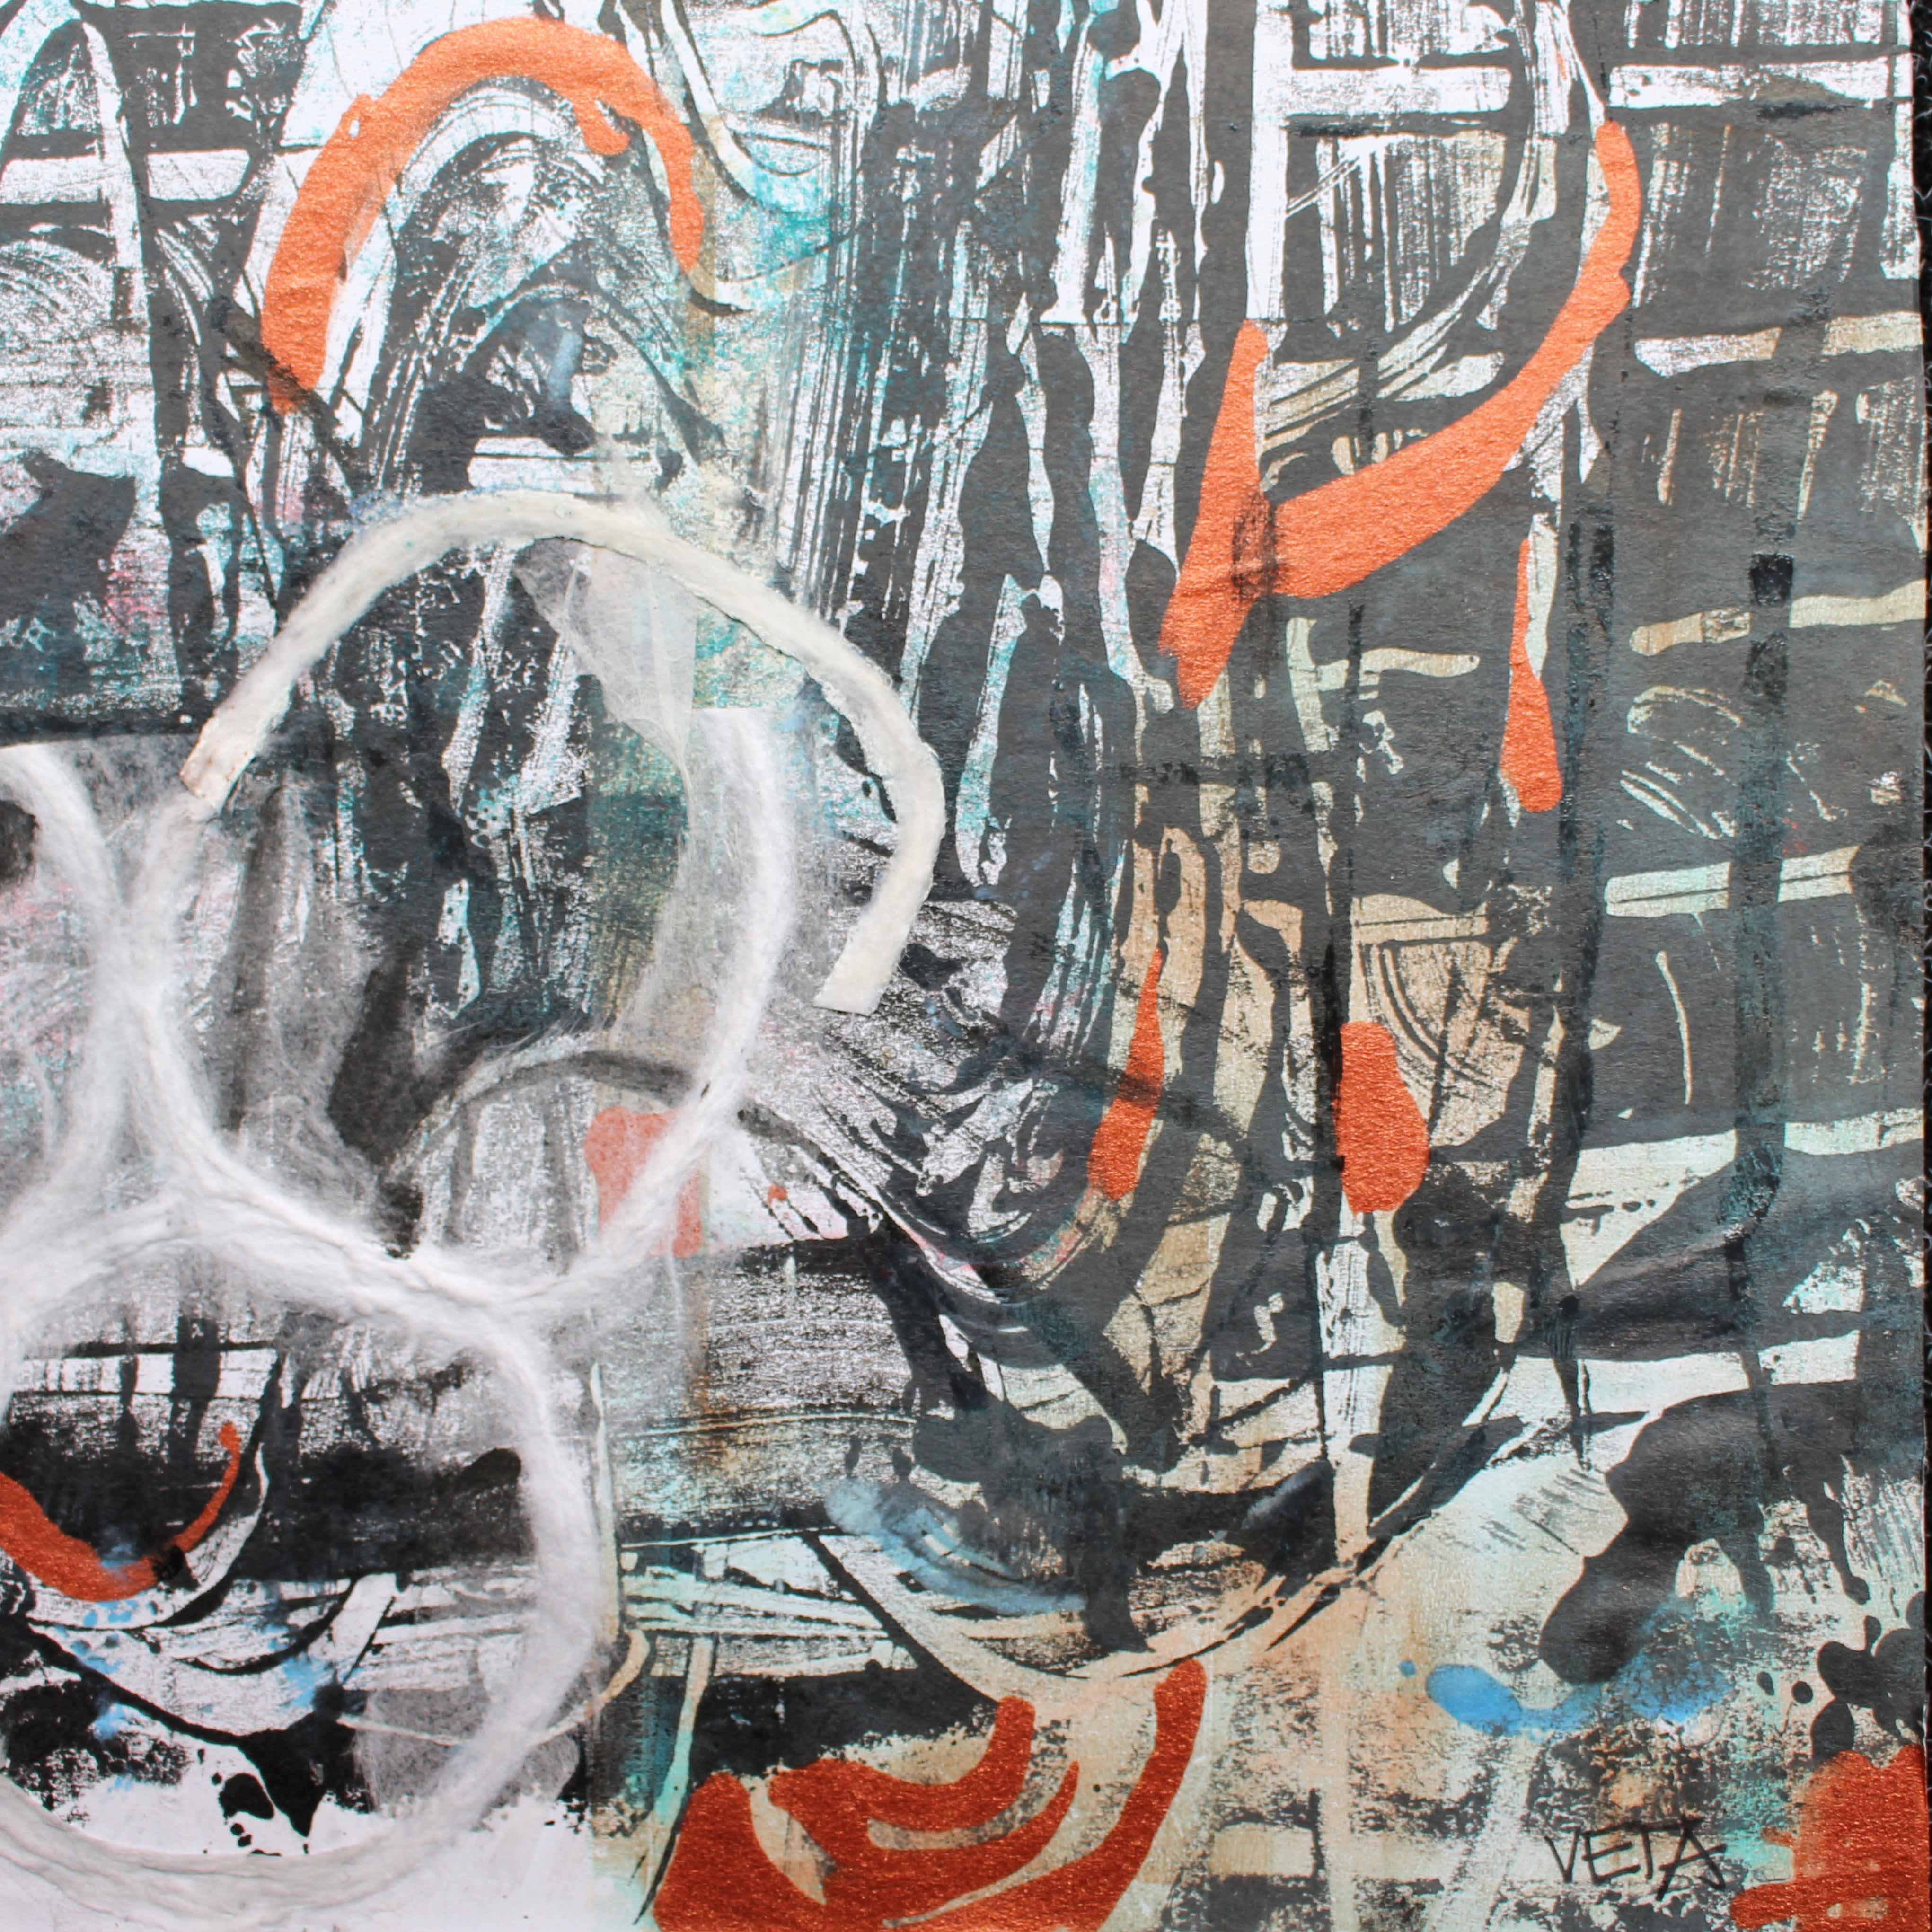 Dynamic life 3  185 x 185 mm Acrylic on card - framed 160